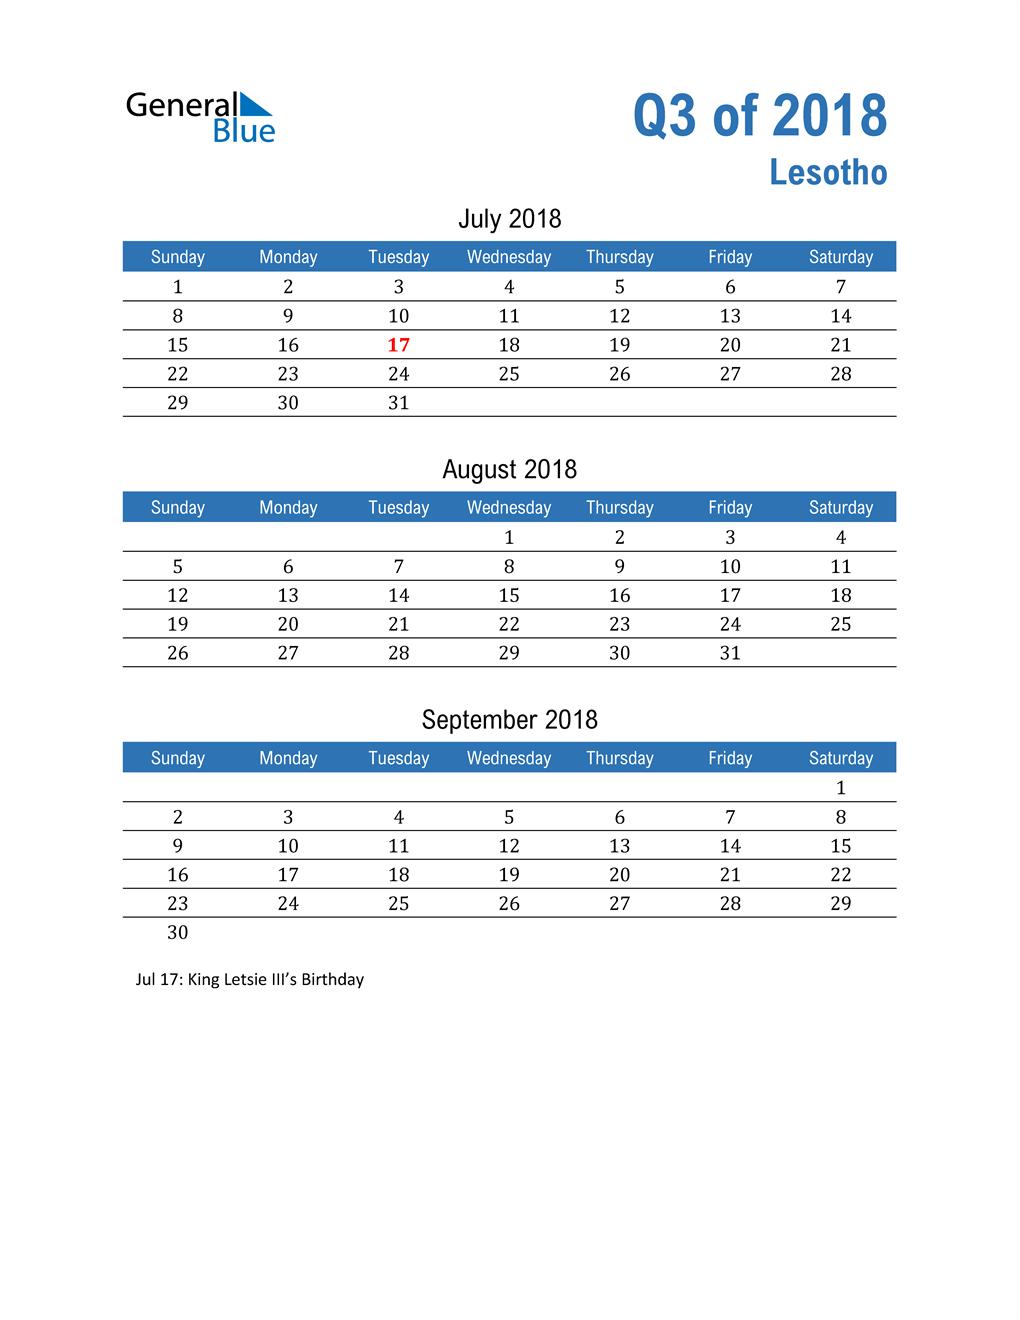 Lesotho 2018 Quarterly Calendar